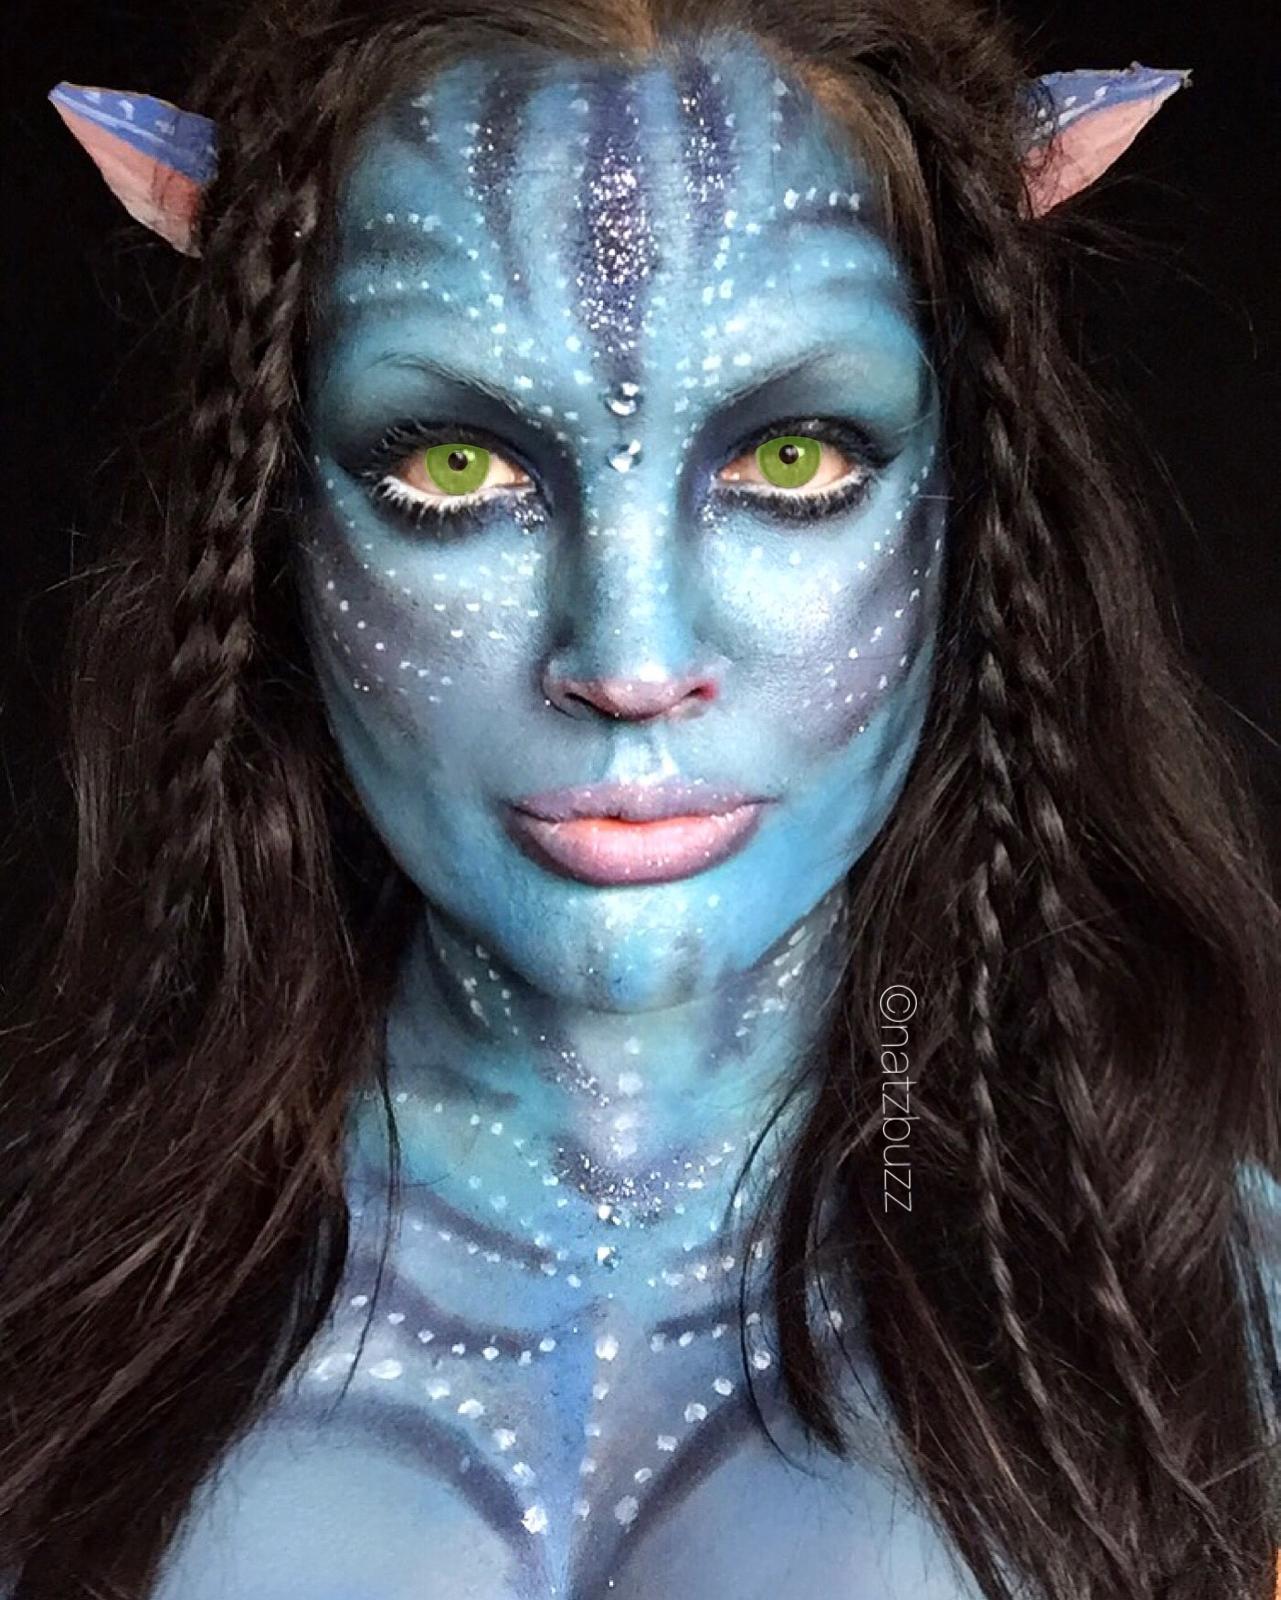 Avatarmakeup Avatar Makeup Irishmua Irish Charactermakeup